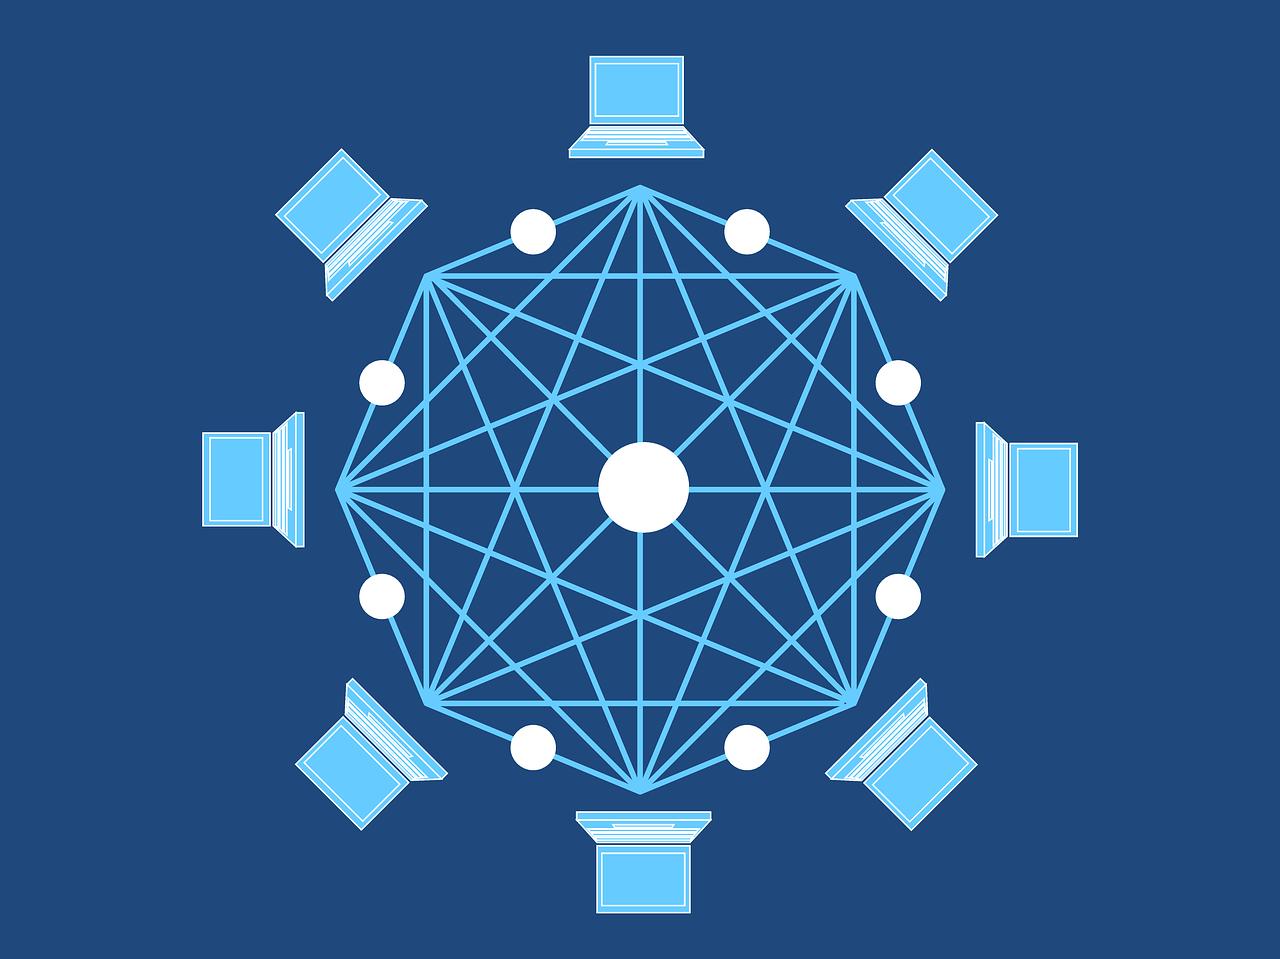 Décentralisation Blockchain